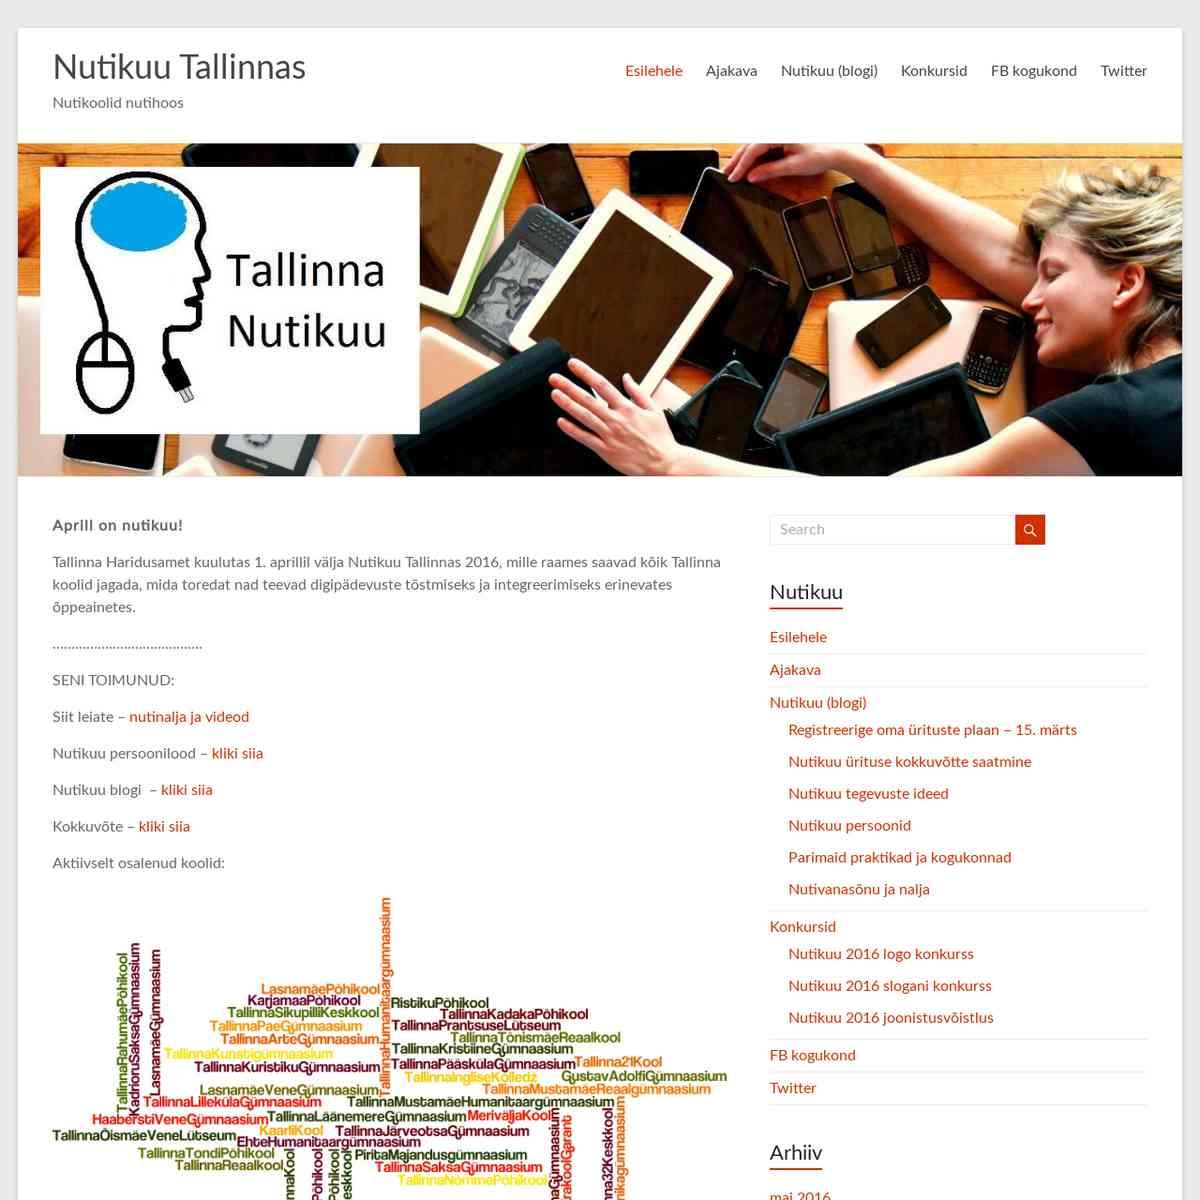 Nutikuu Tallinnas – Nutikoolid nutihoos